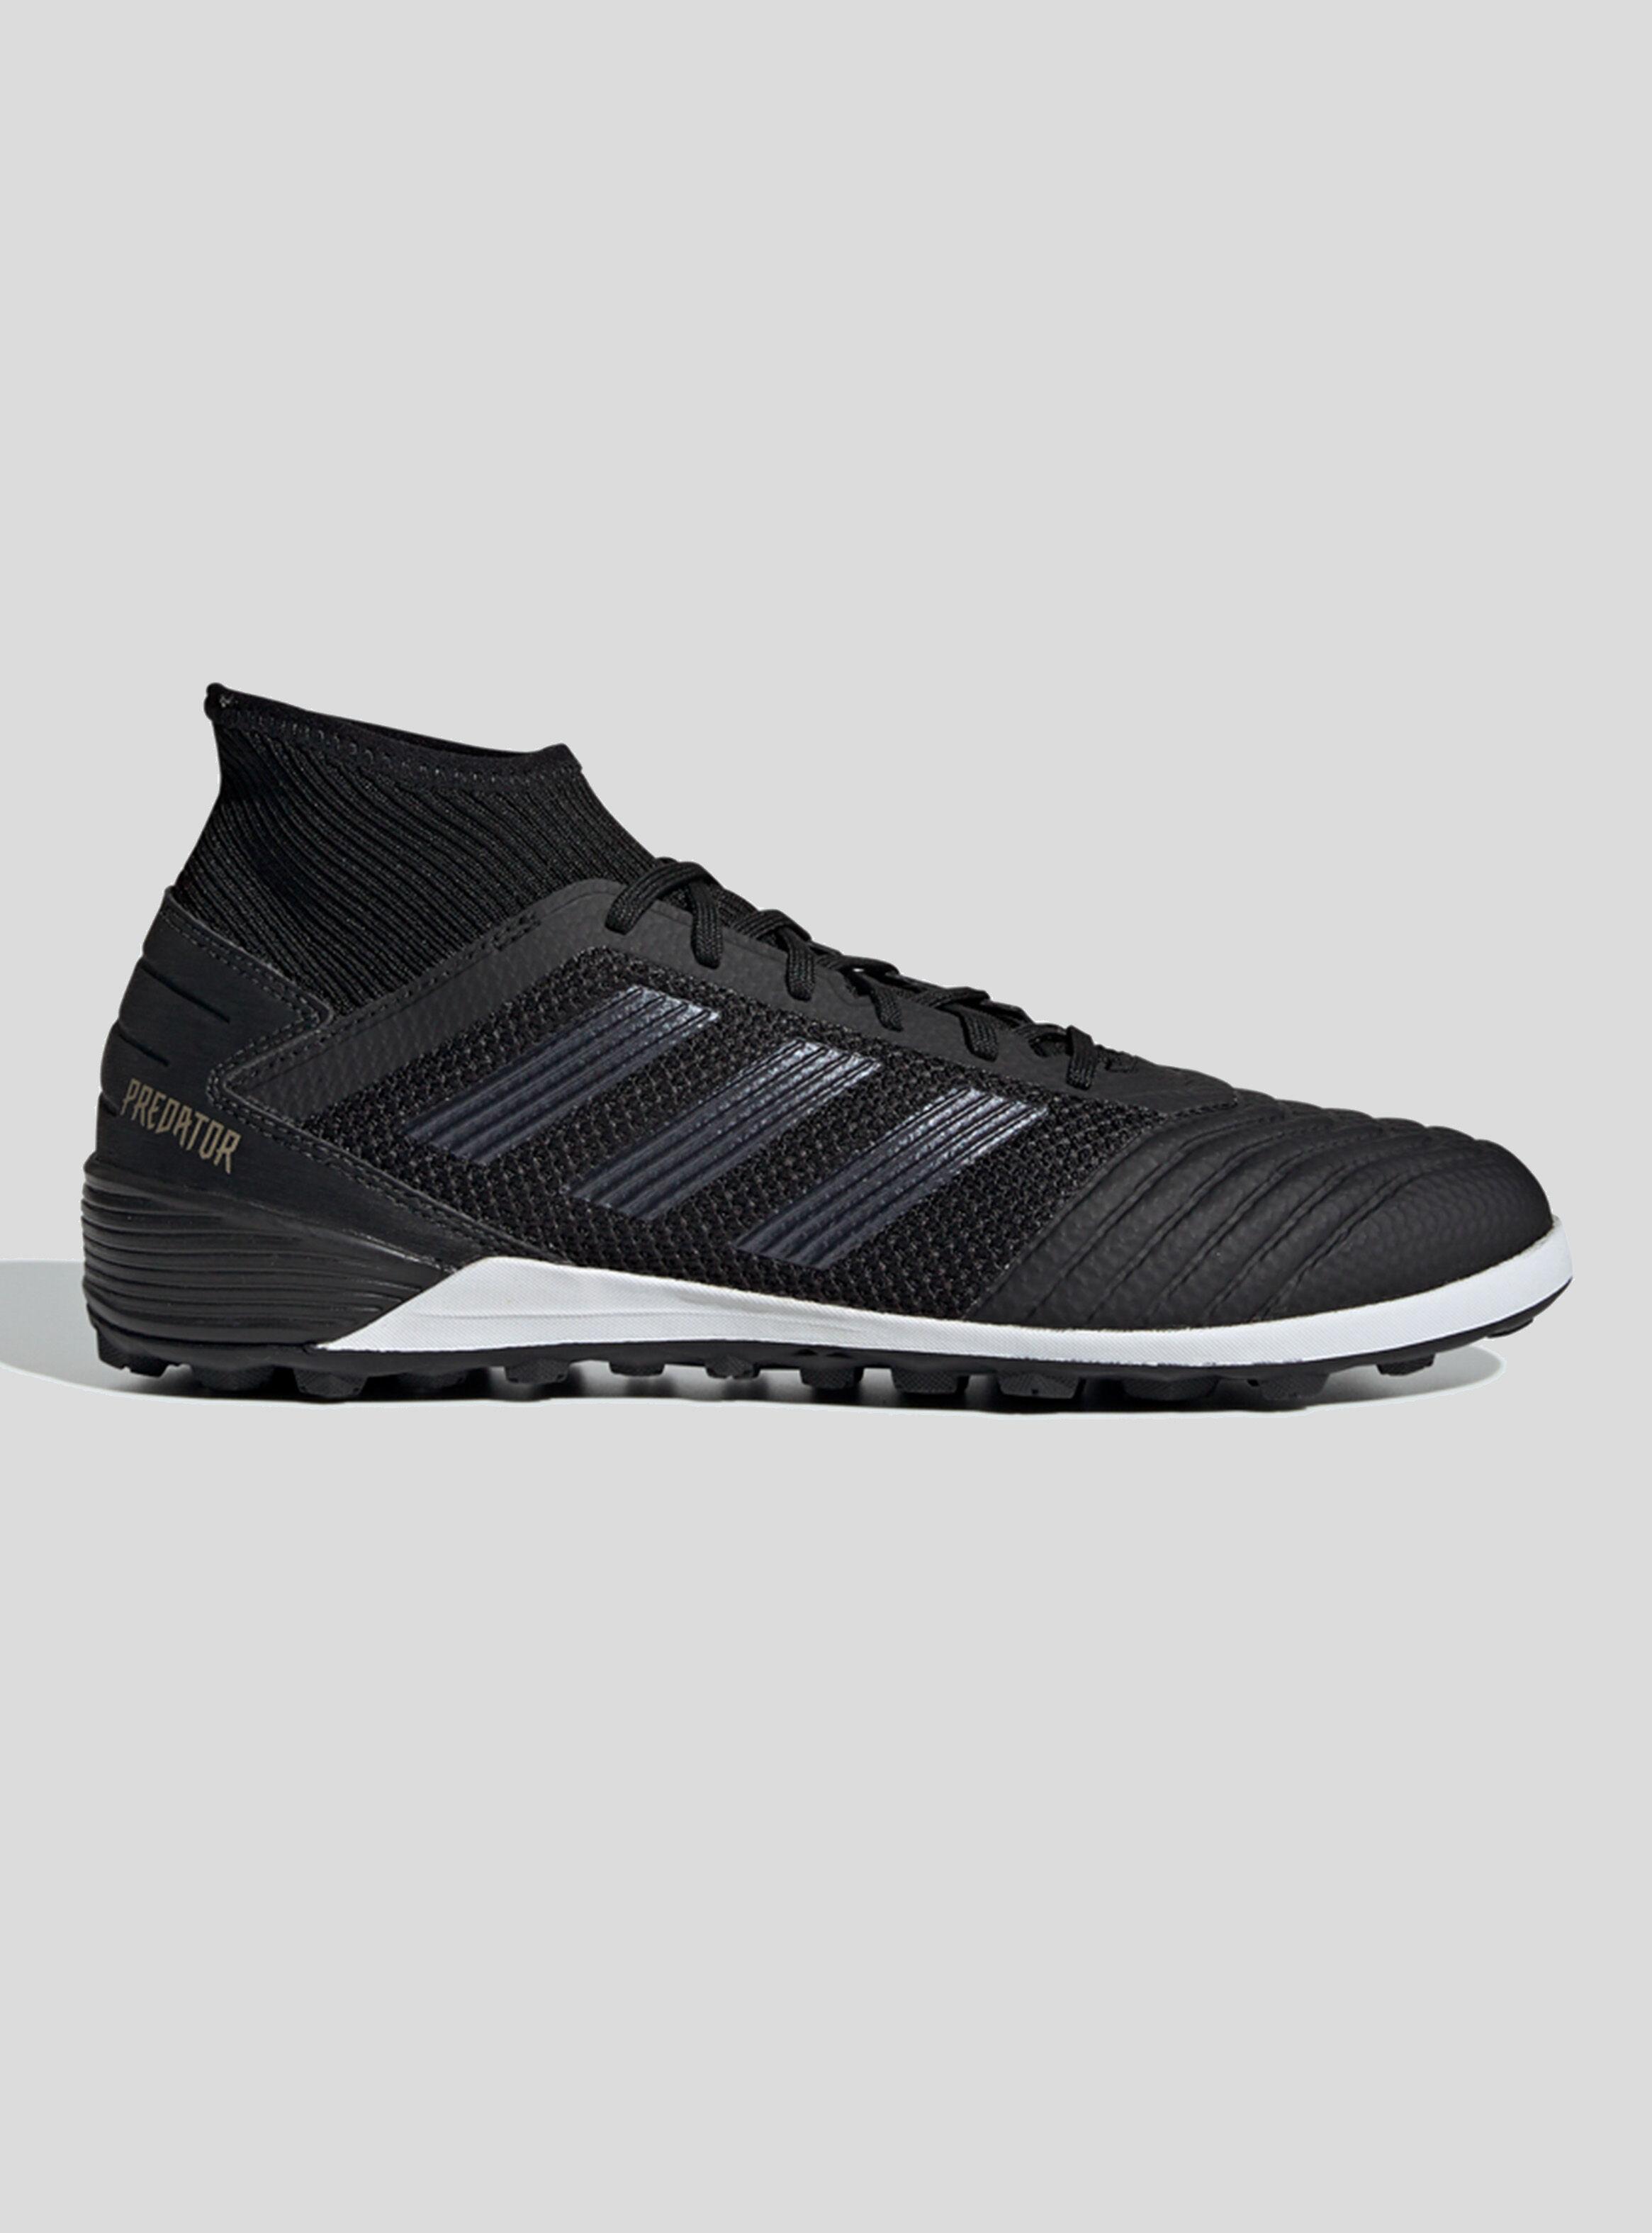 imagenes de zapatos adidas predator queen